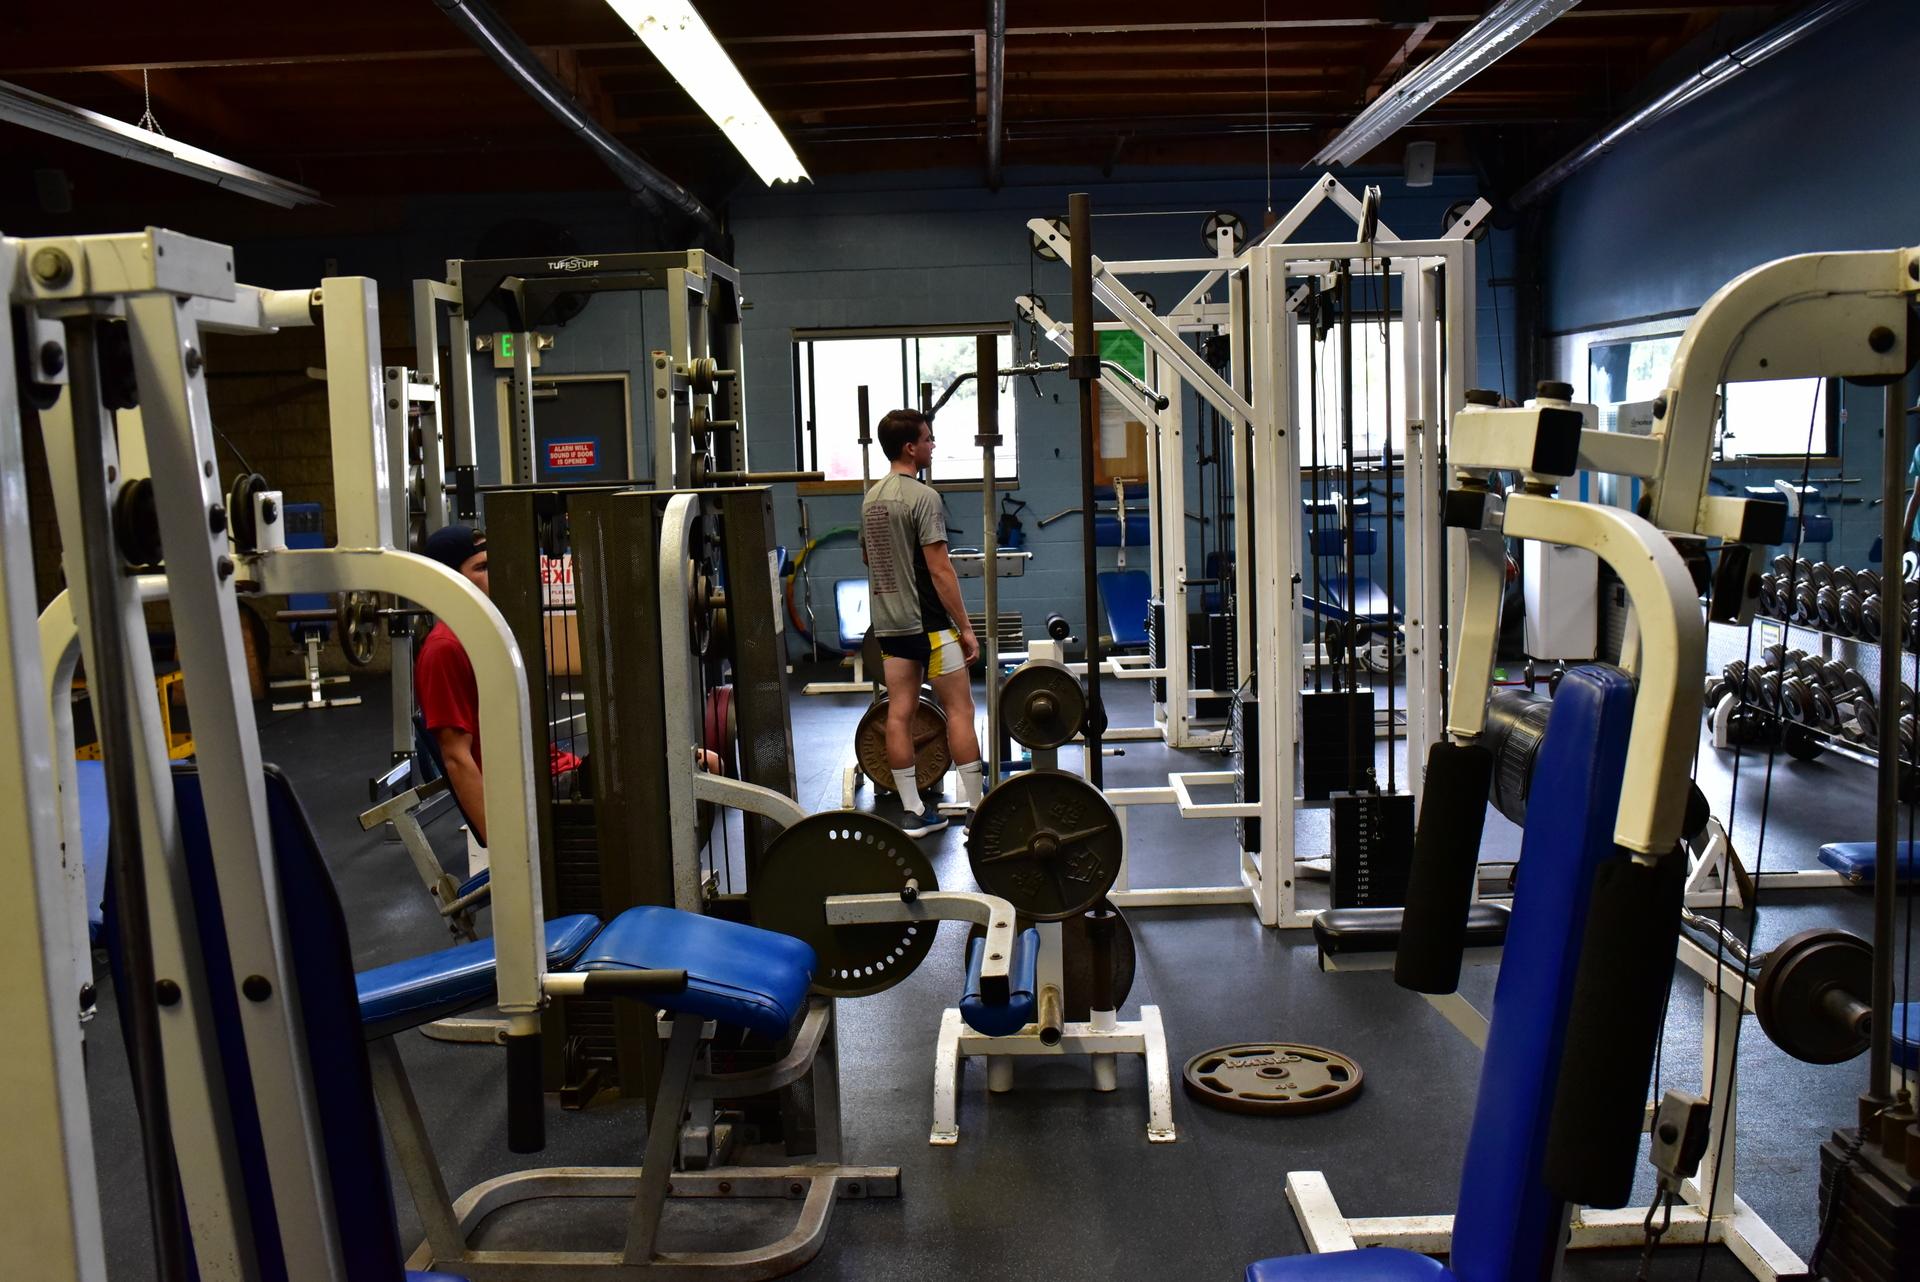 weight room at Newport Aquatic Center in Newport Beach, CA